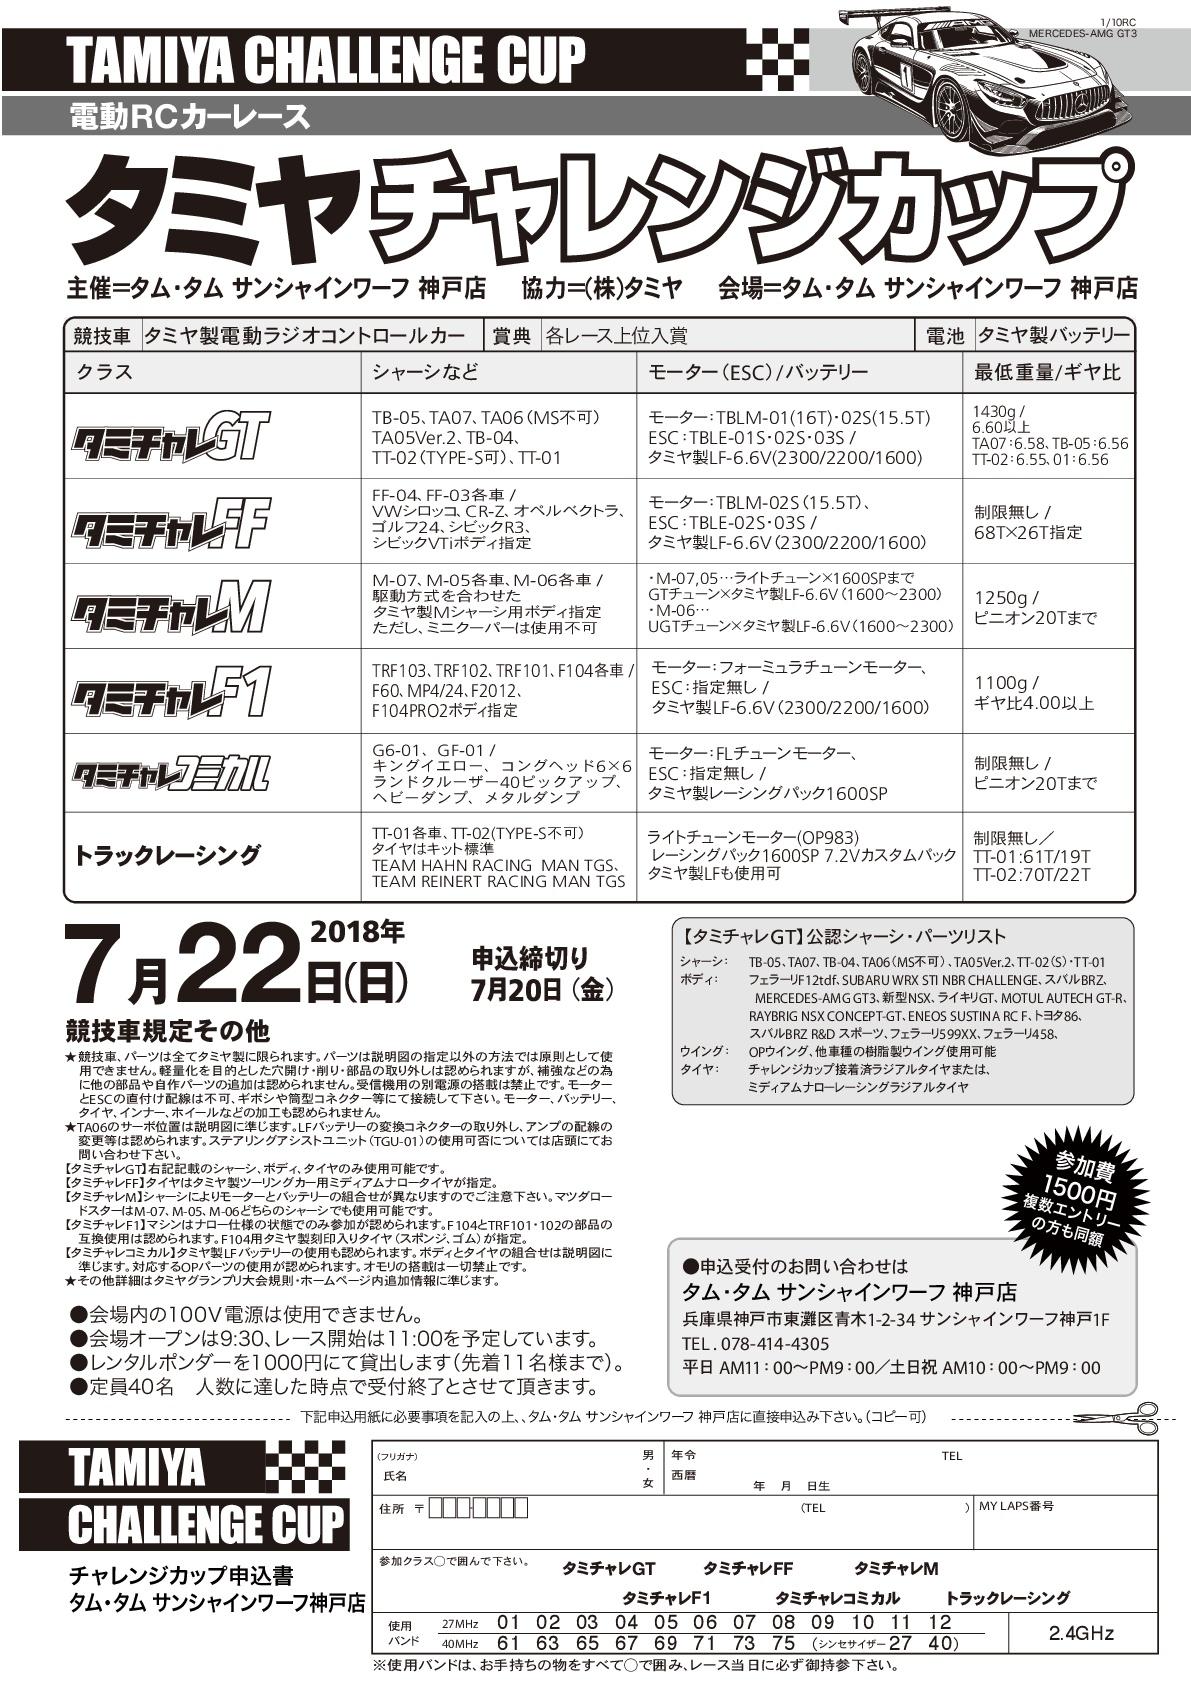 平成30年7月22日(日)タミヤチャレンジカップ開催のお知らせ